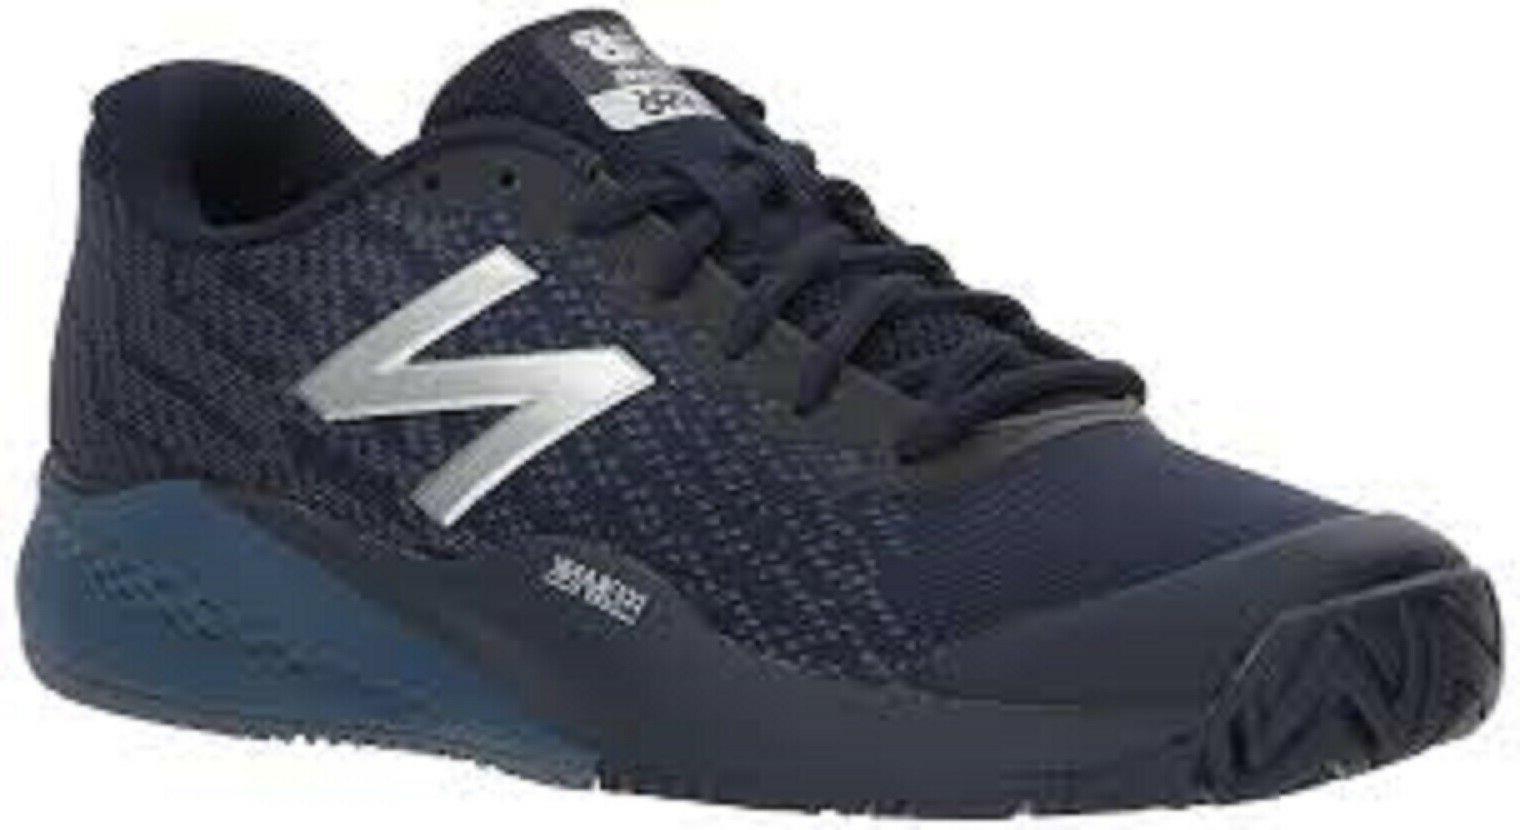 nib 996v3 men s tennis shoes blue